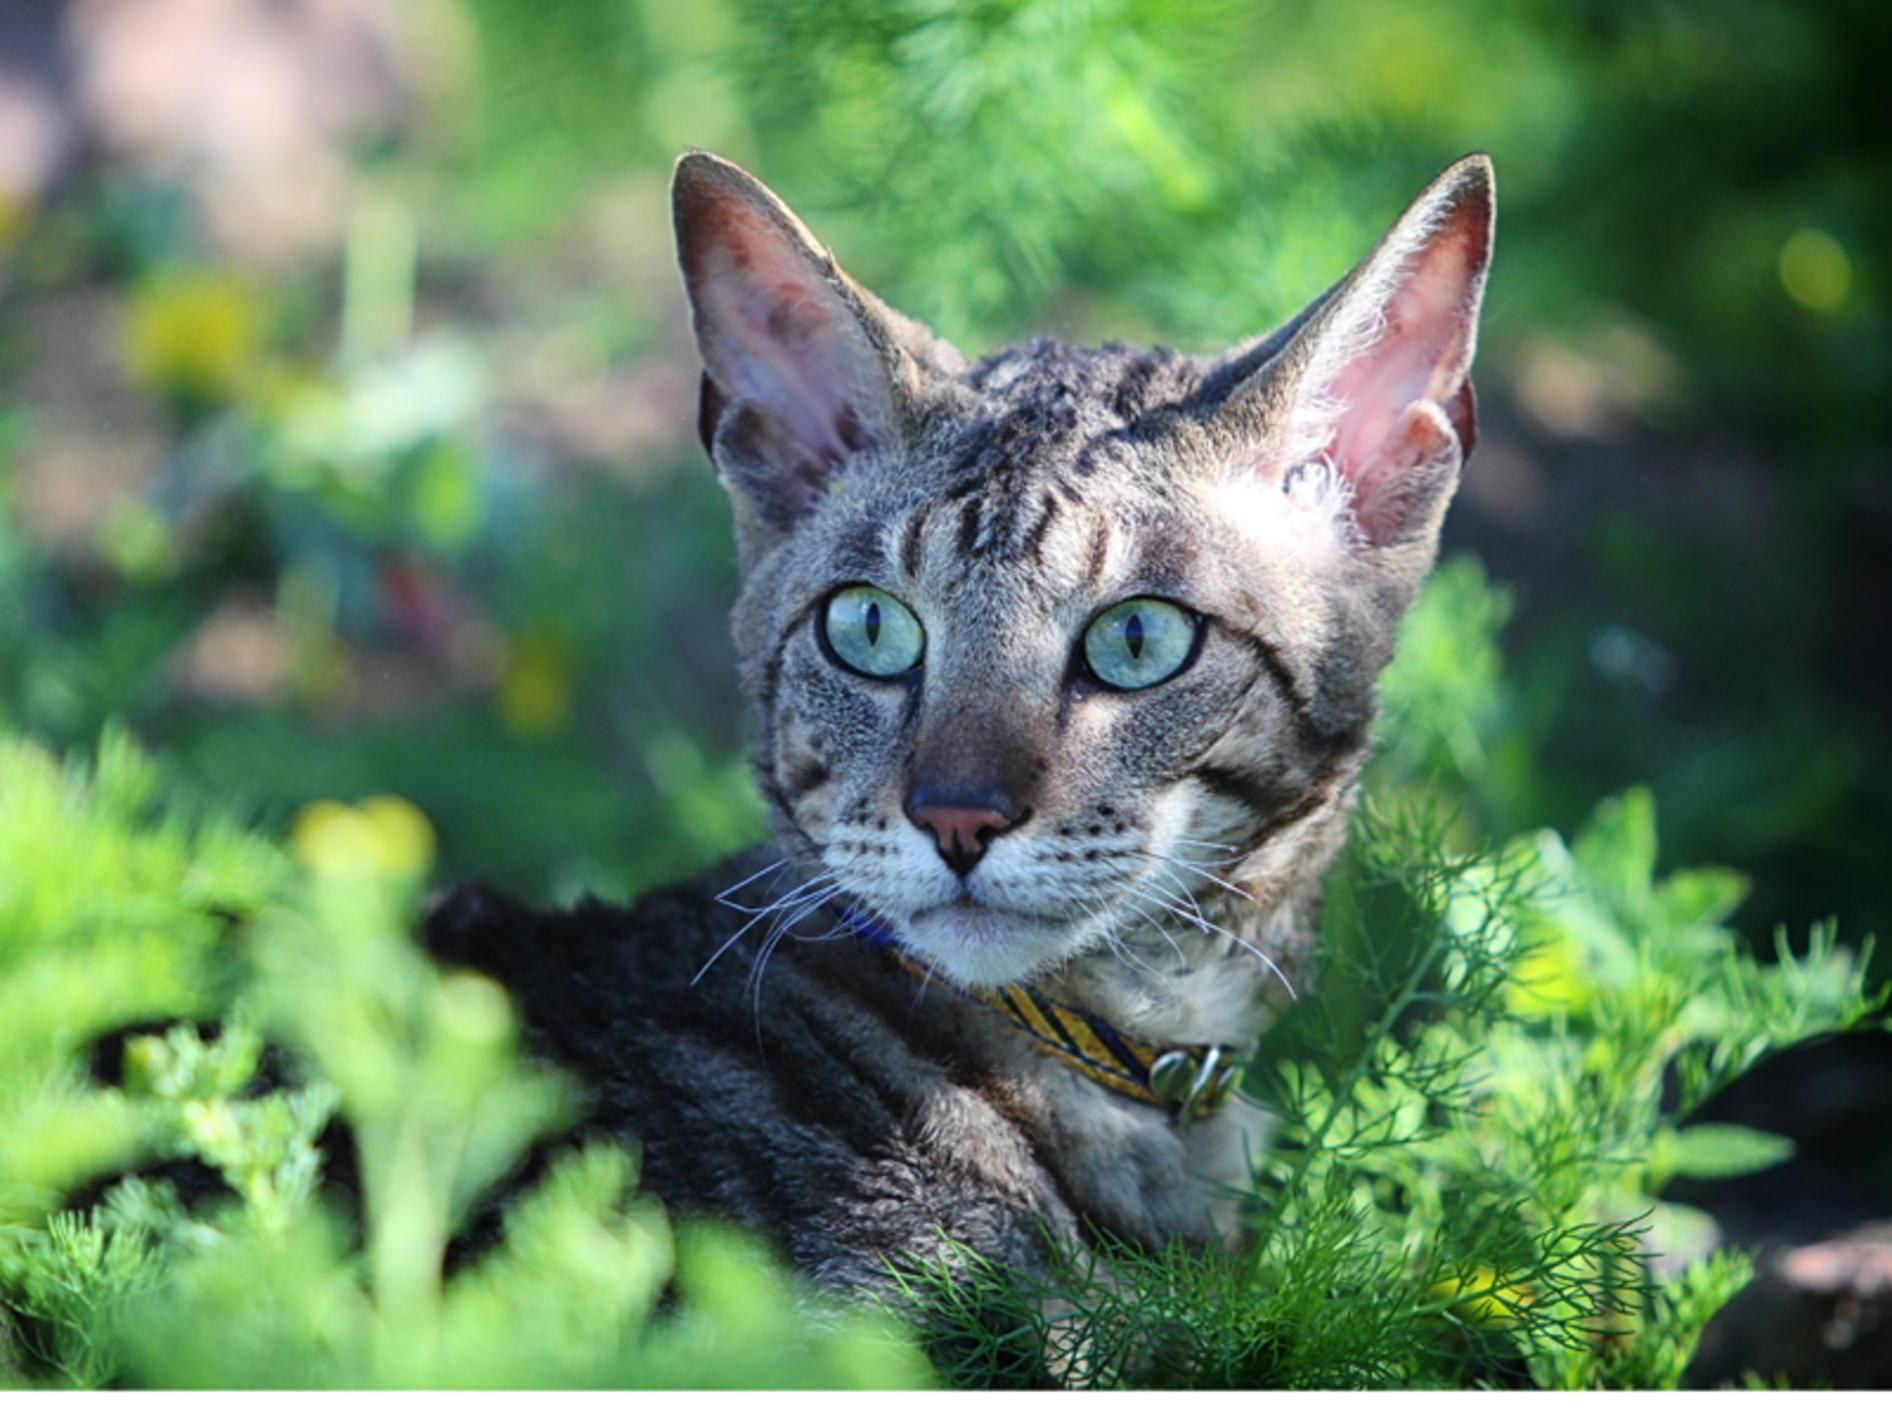 Pflanzen sind meist harmlos - doch einige sind für Katzen giftig - Bilder: Shutterstock / DragoNika